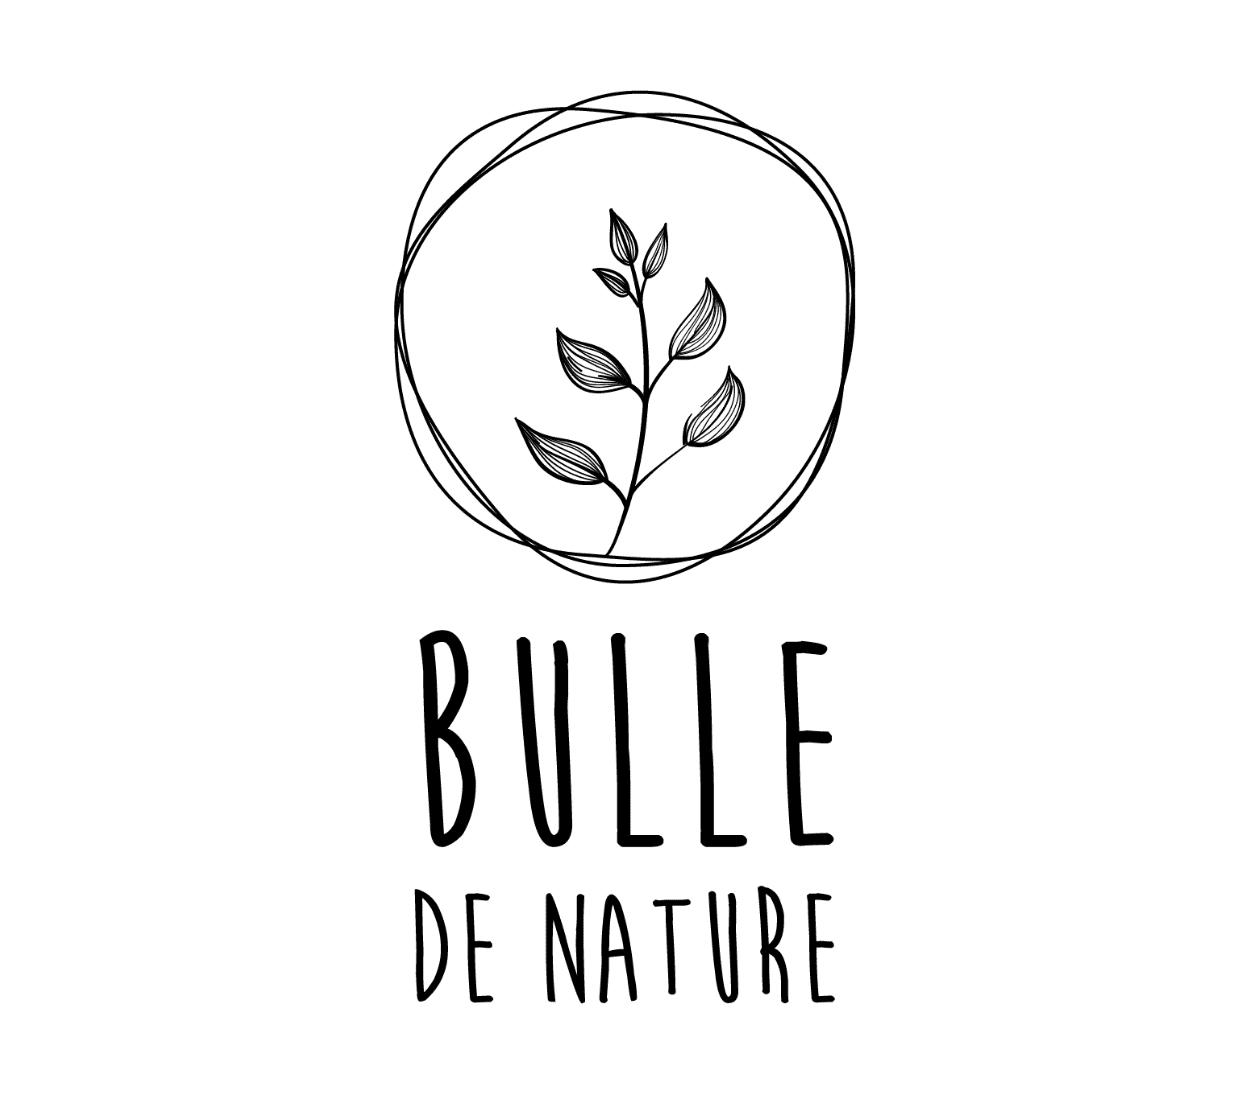 Bulle de nature 1 - Arnaud Le Roux - Directeur Artistique Digital & Développeur Front-End